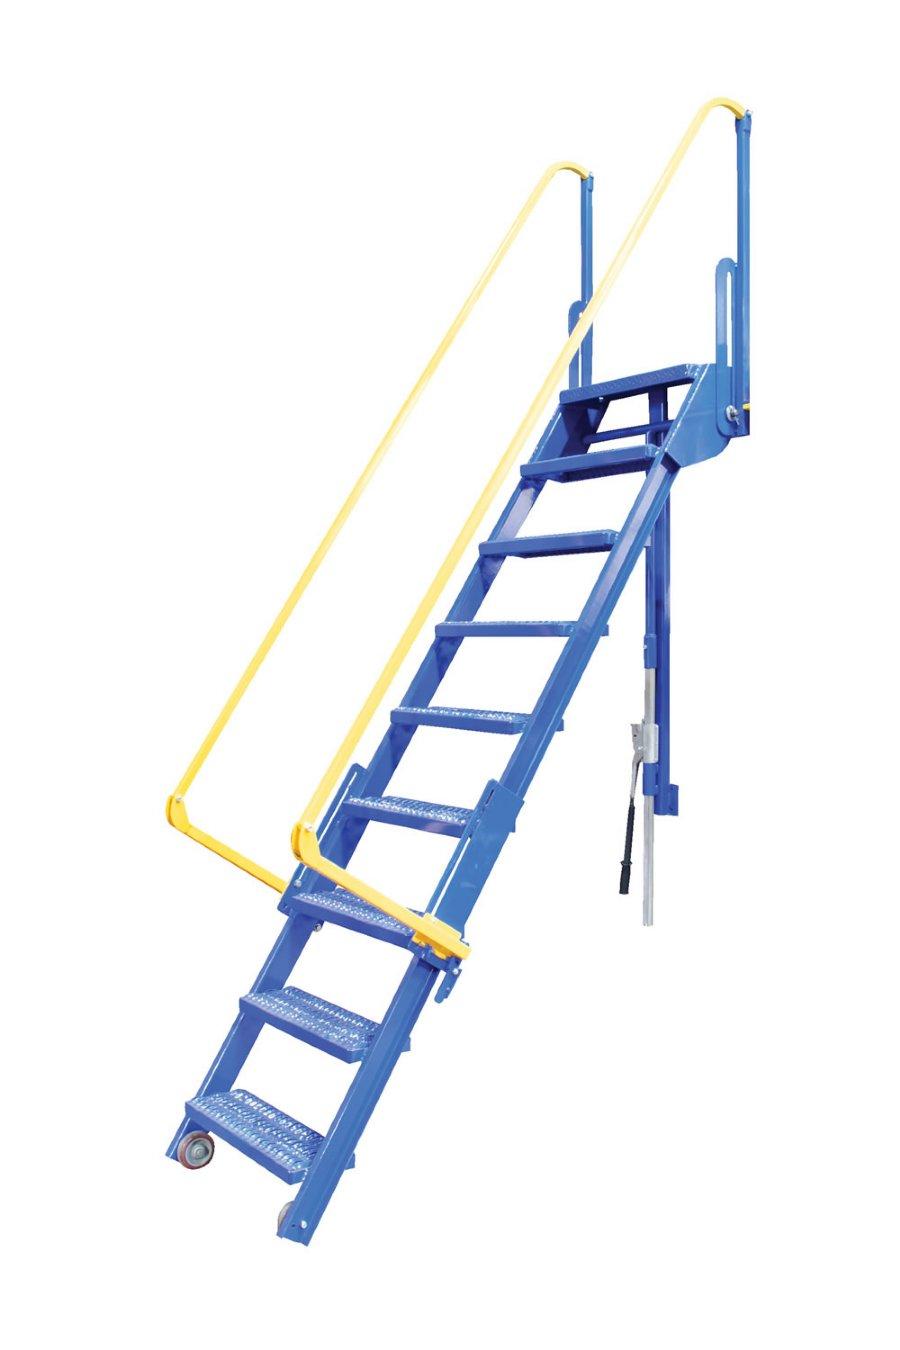 10 Step Folding Mezzanine Ladders 10 Step Mezzanine